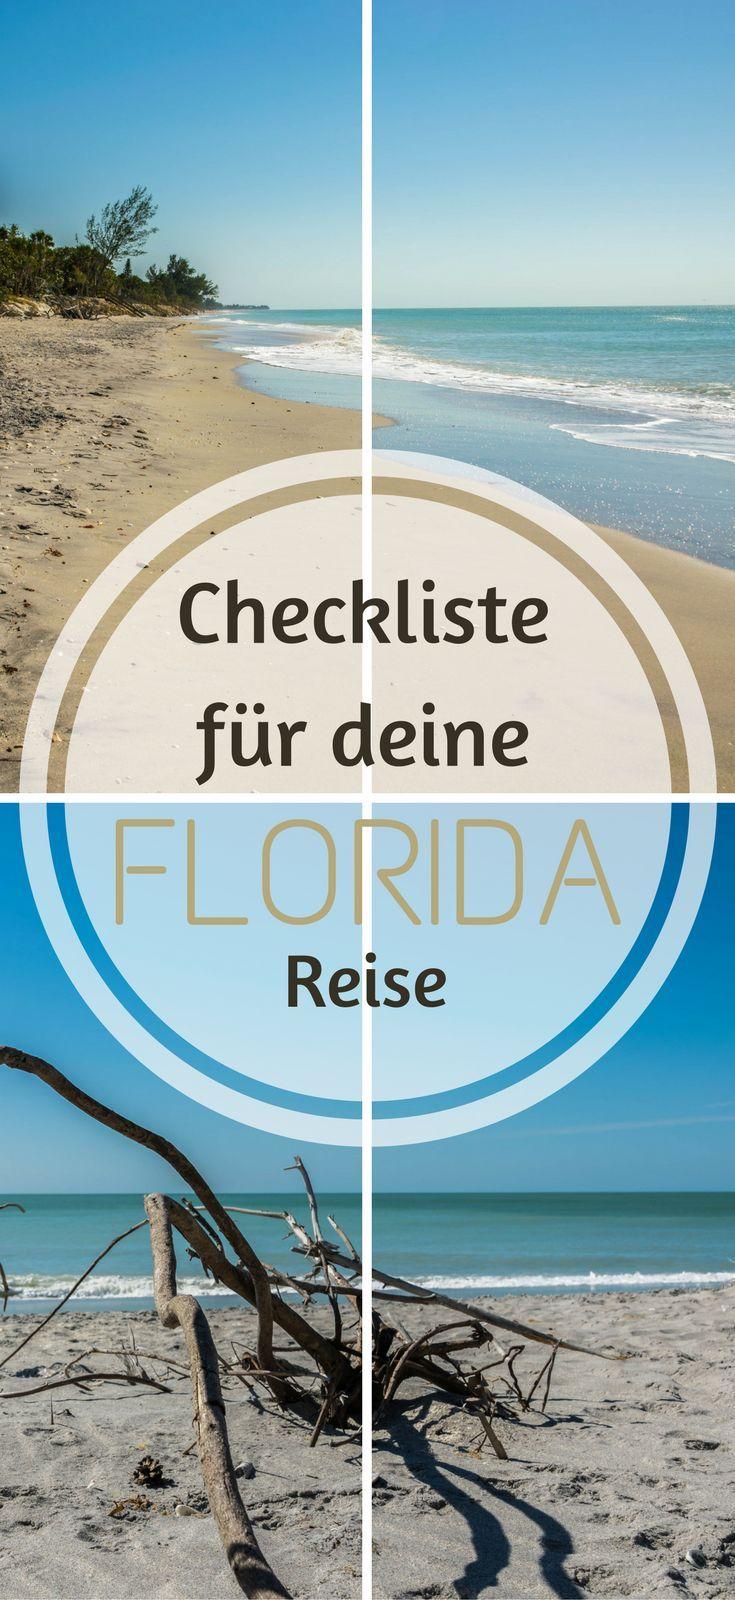 Checkliste für deine Florida Reise